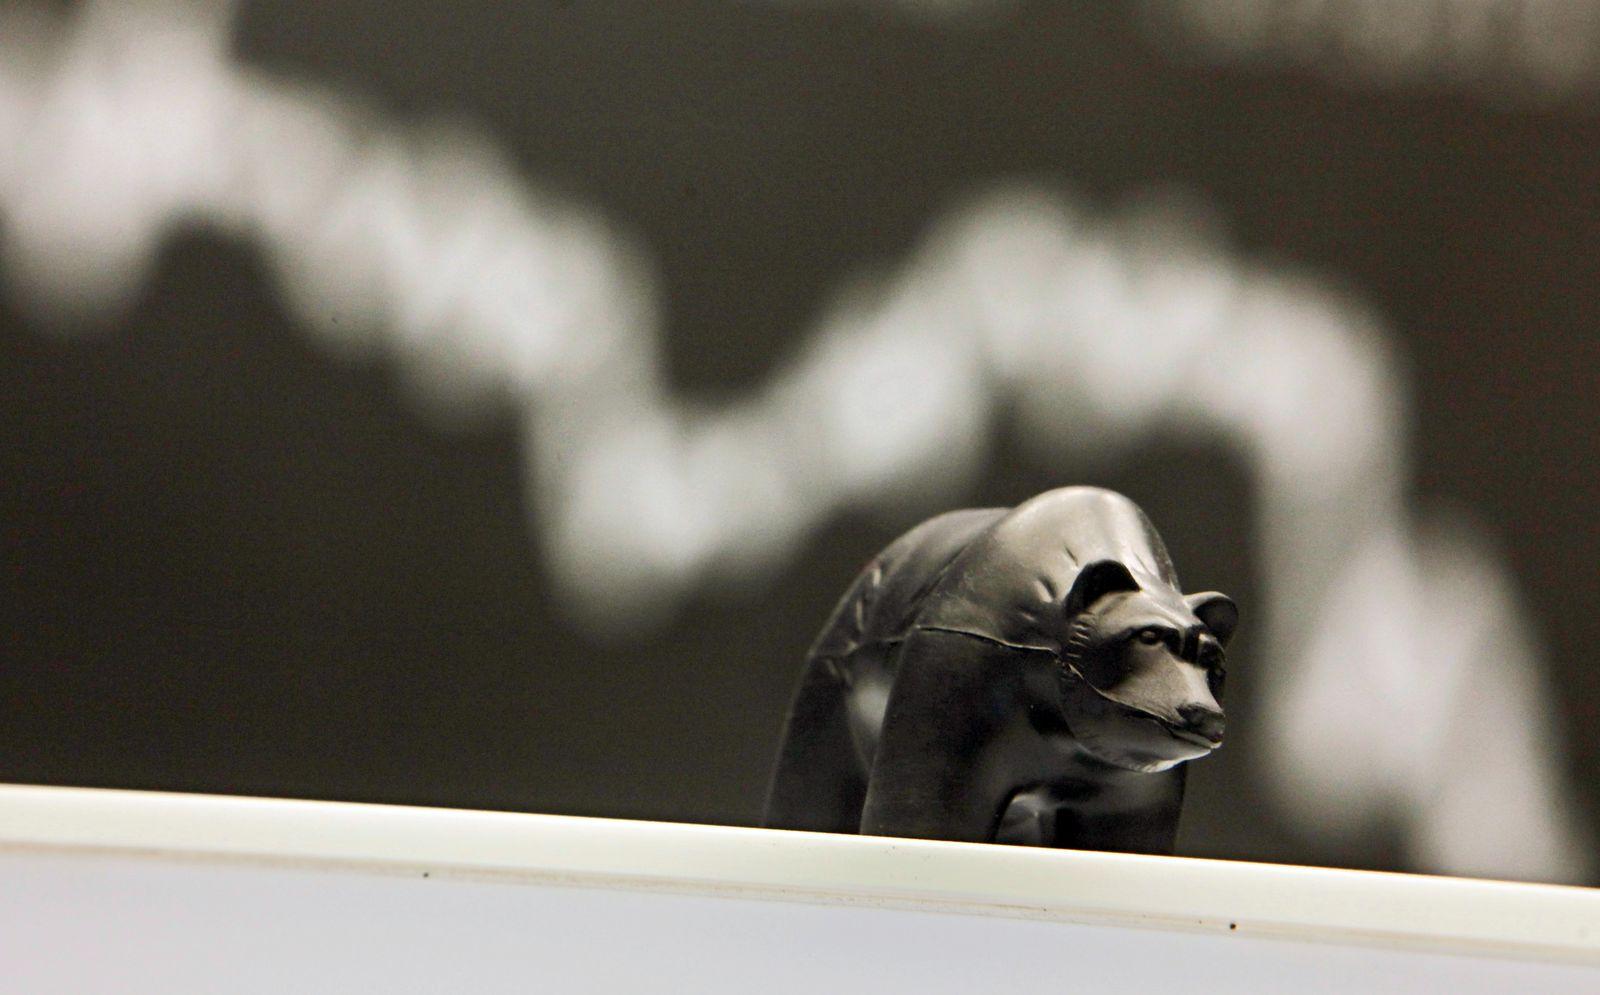 Börse Frankfurt - Bär vor DAX-Kurve